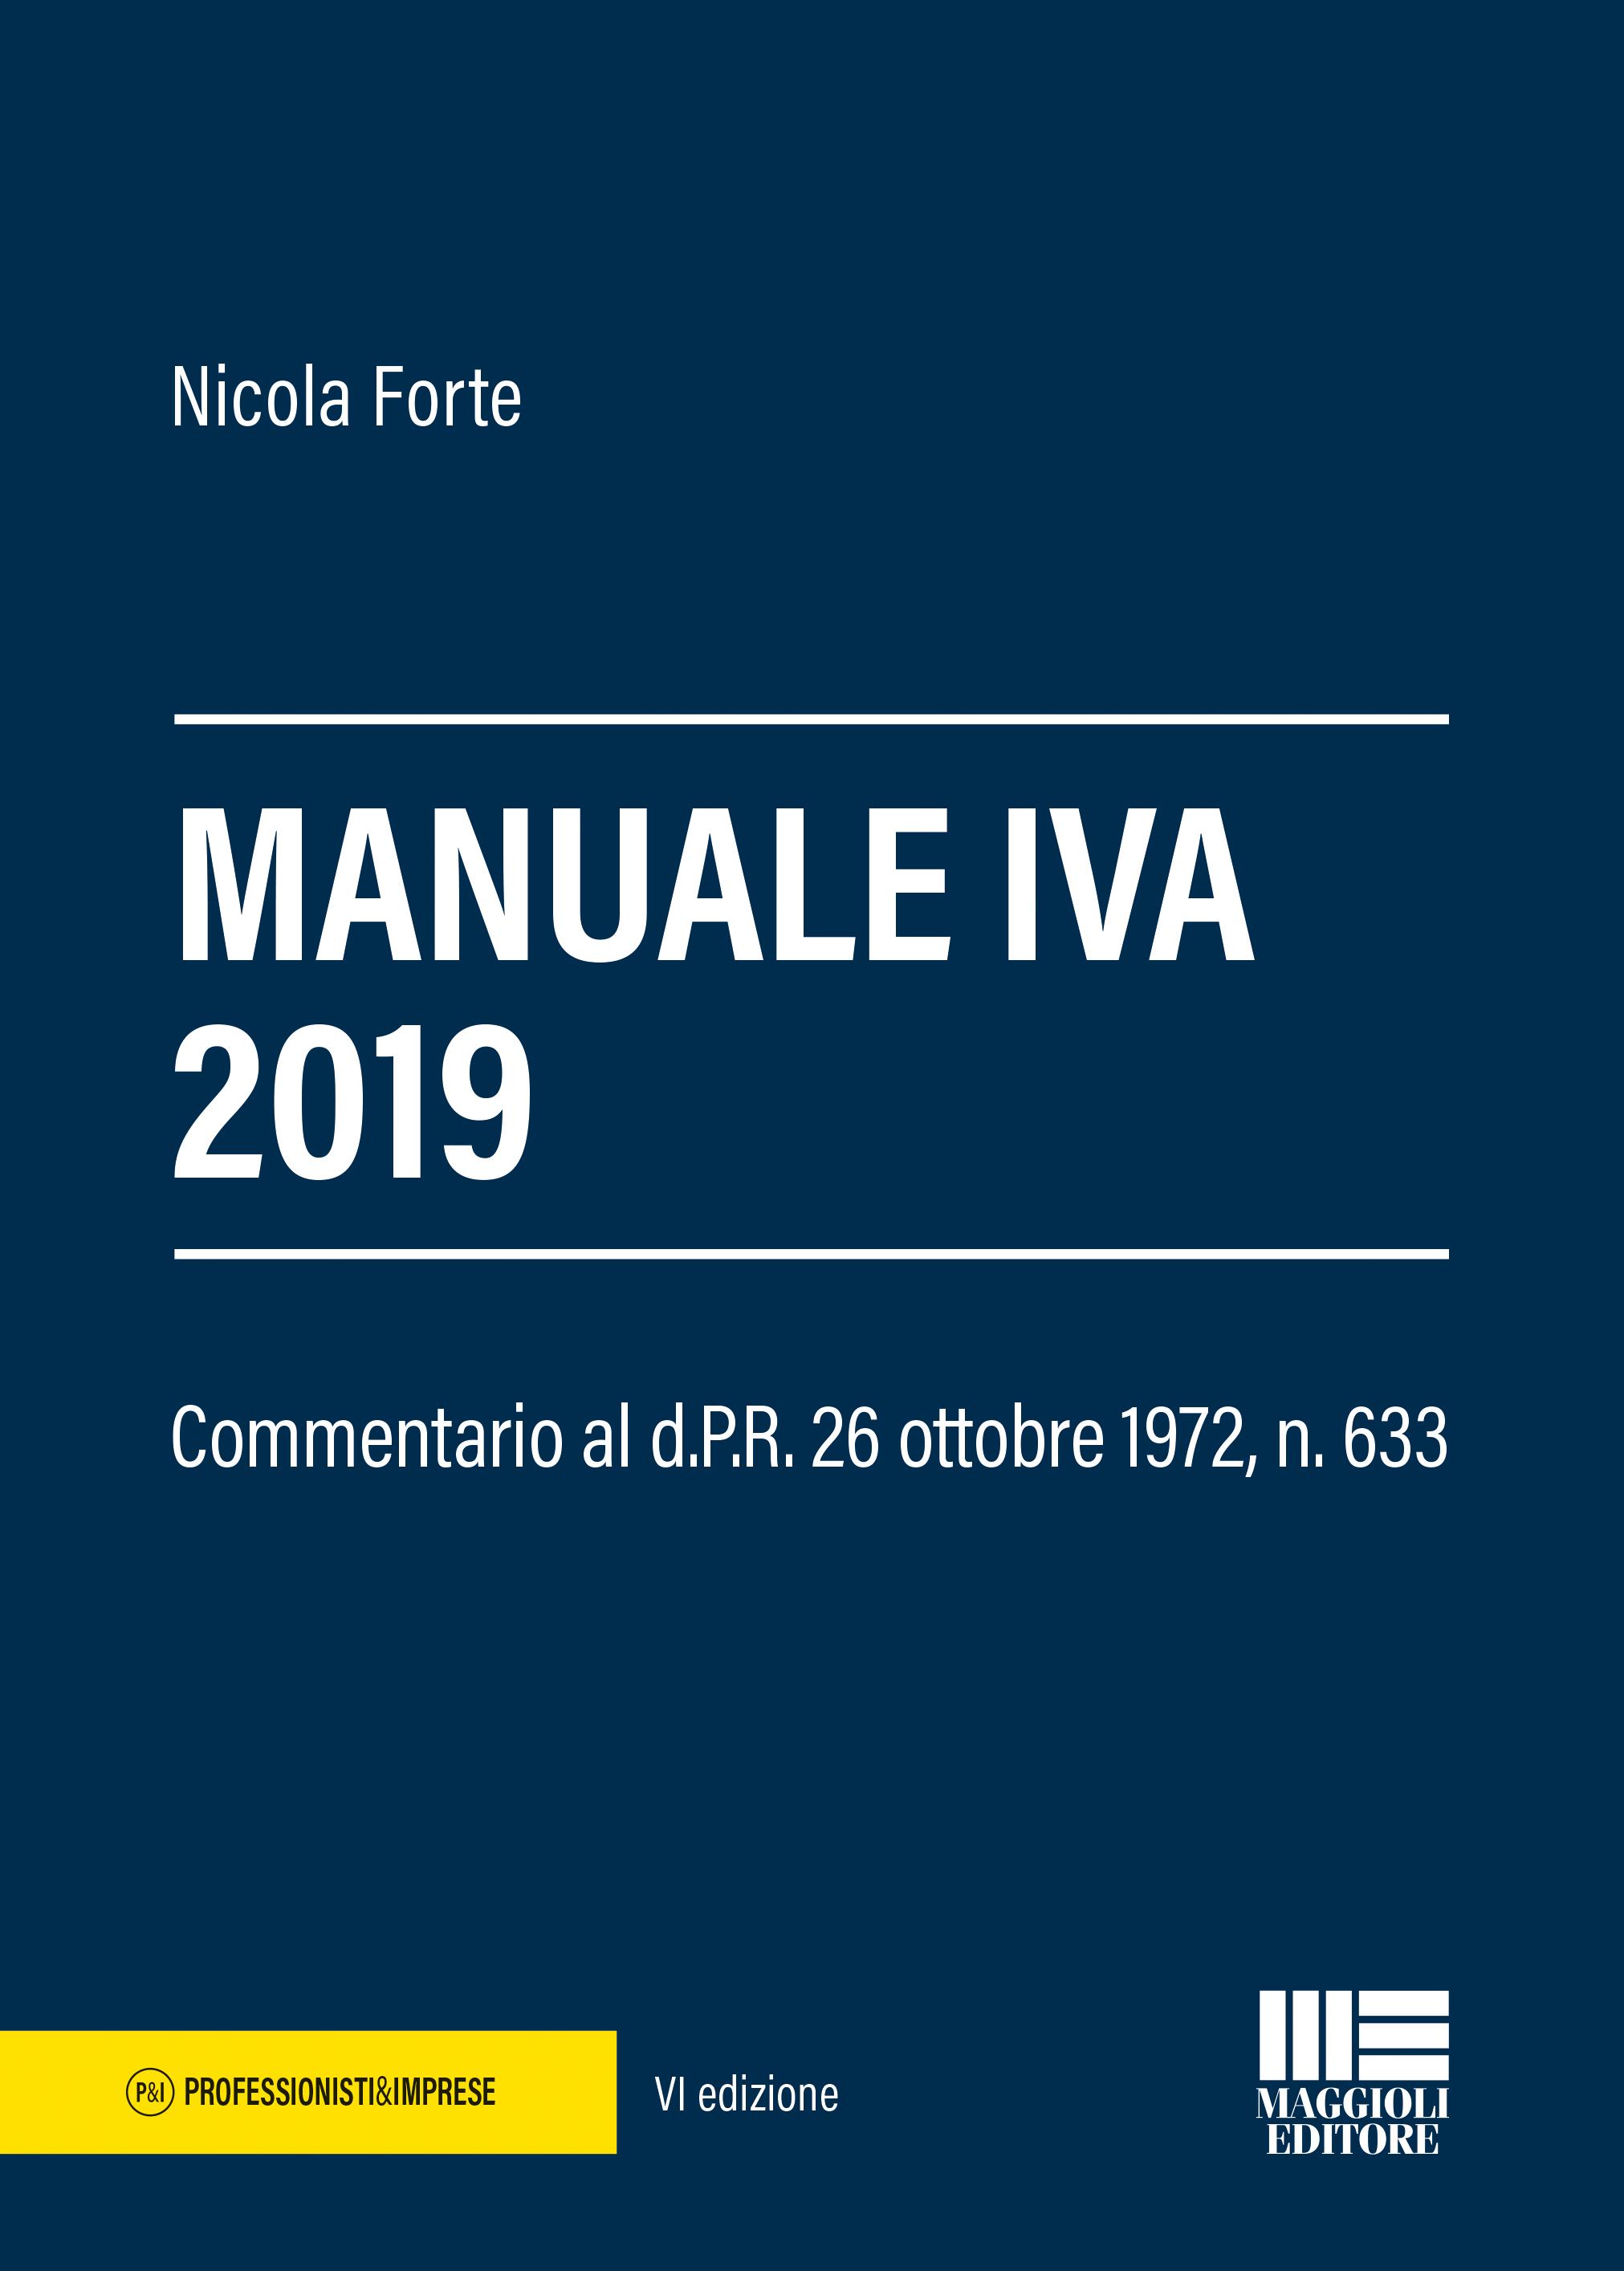 Manuale IVA 2019 - Libro carta